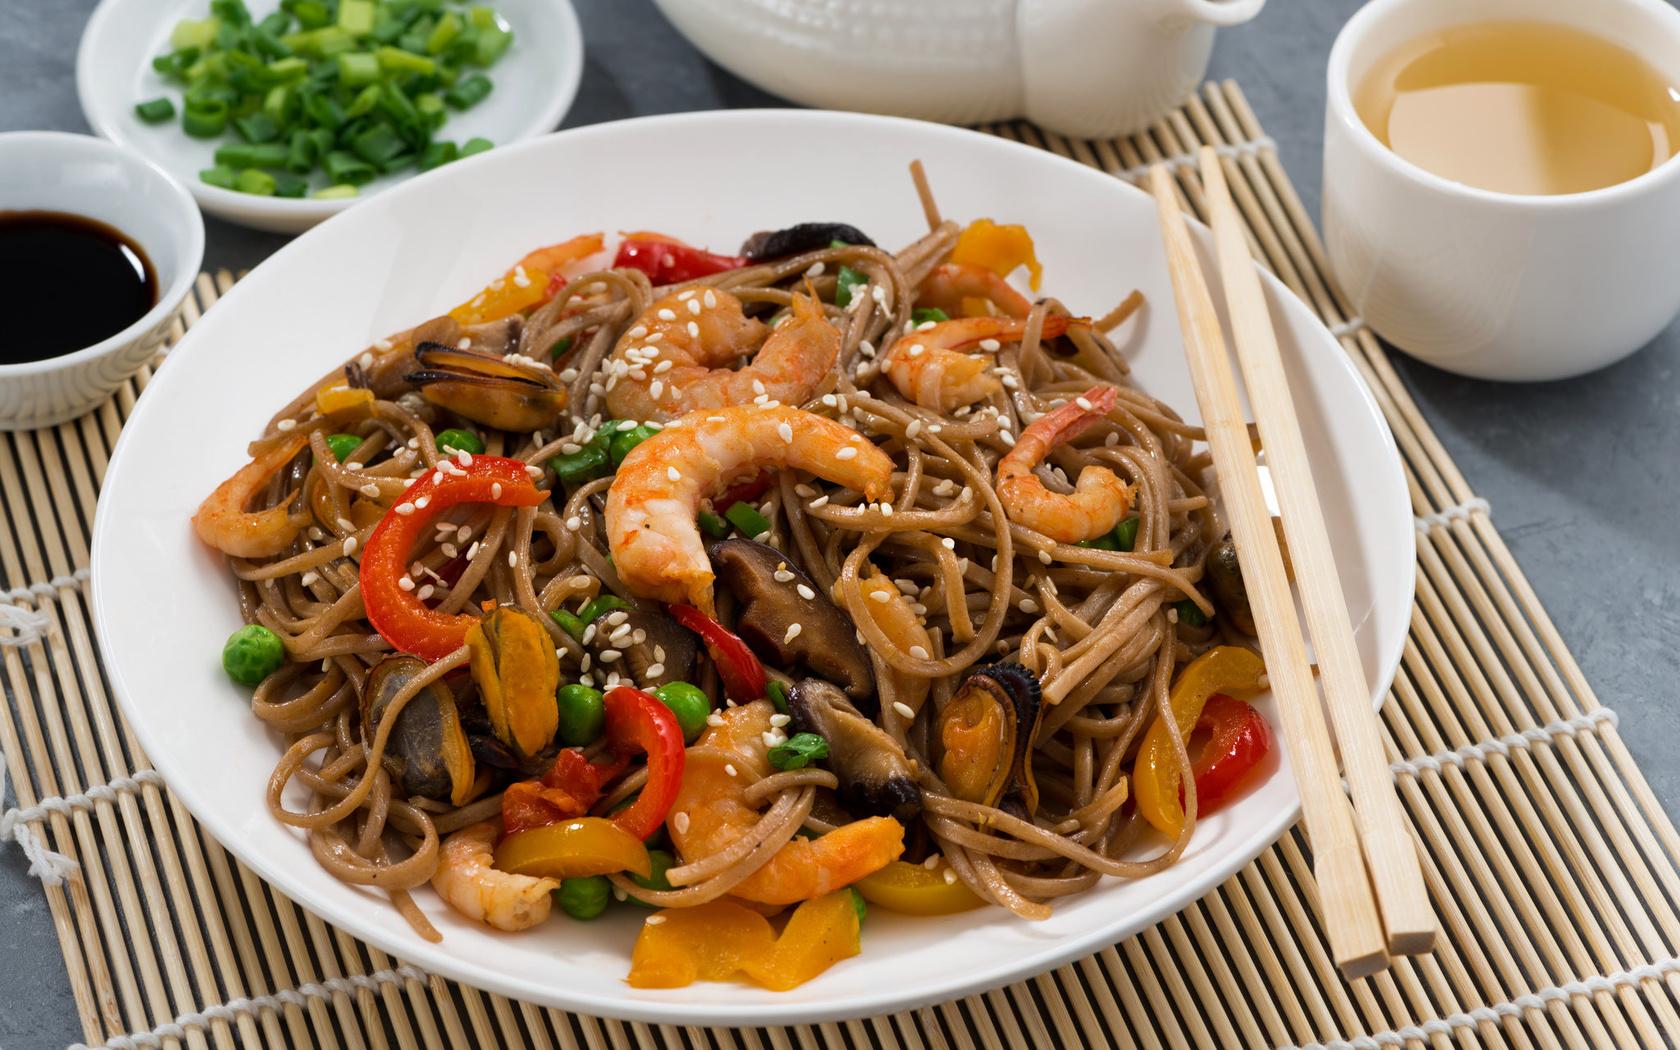 горох, перец, соус, креветки, морепродукты, мидии, паста